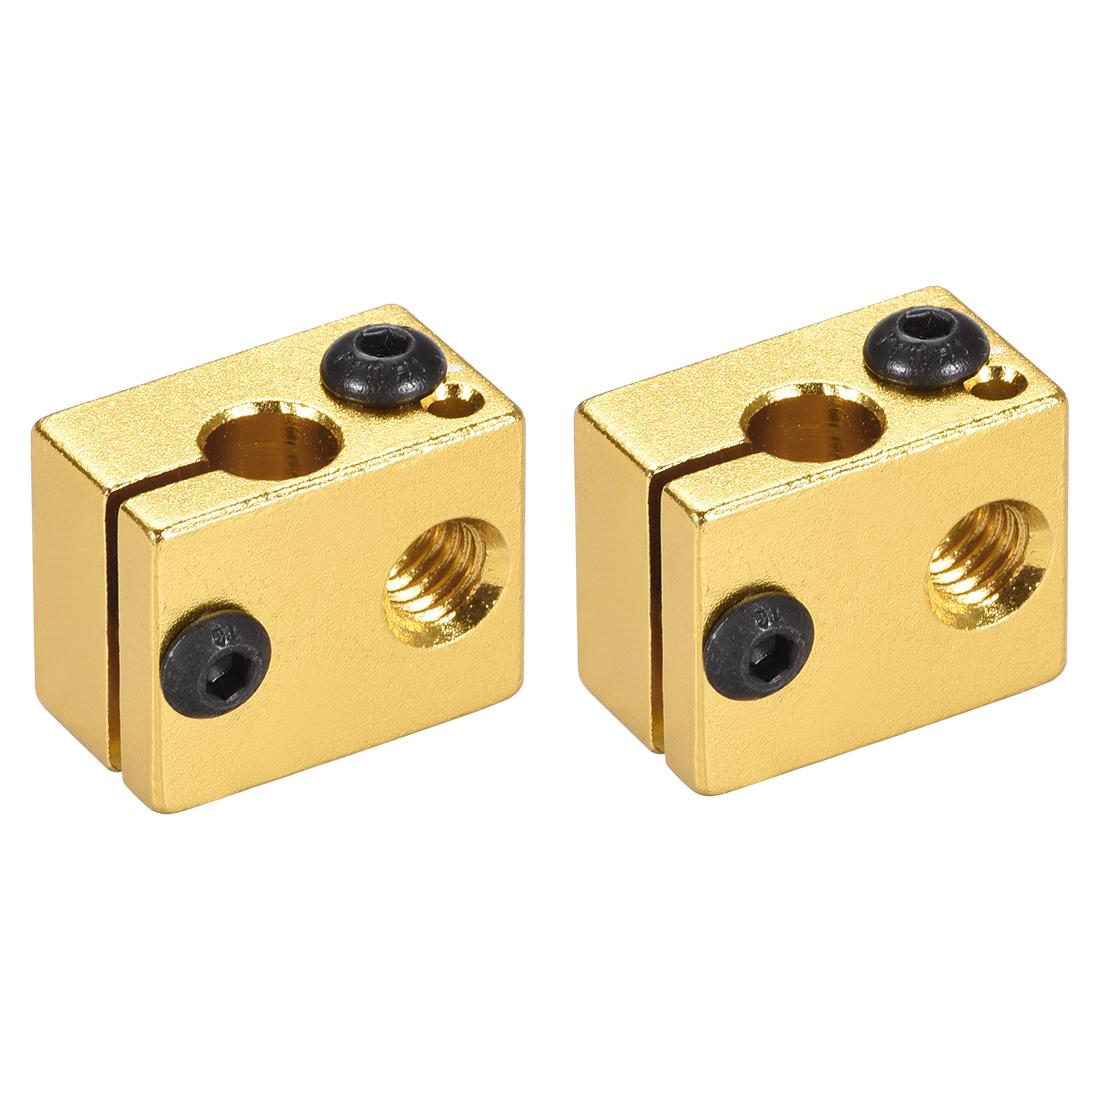 Aluminum Extruder Heater Block, Fit V6 3D Printer Gold Tone 2pcs